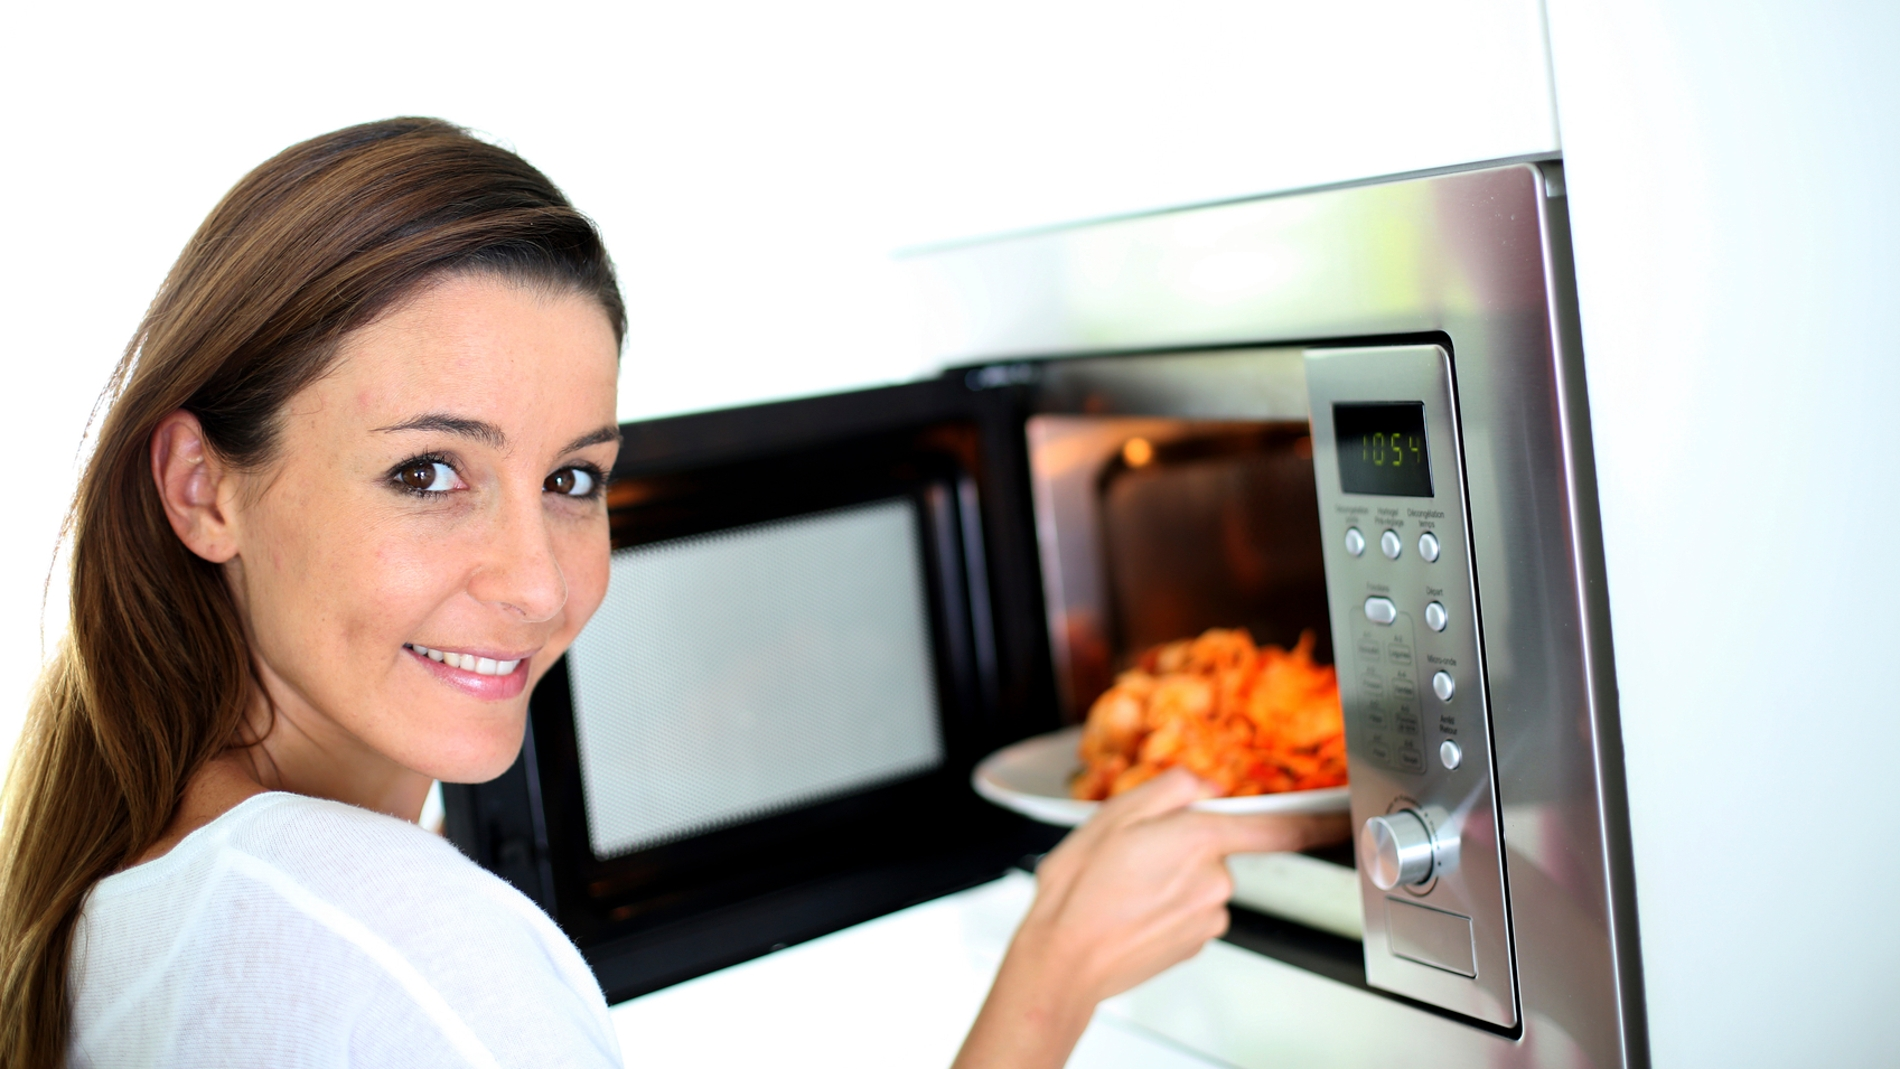 Recalentar la comida en el microondas